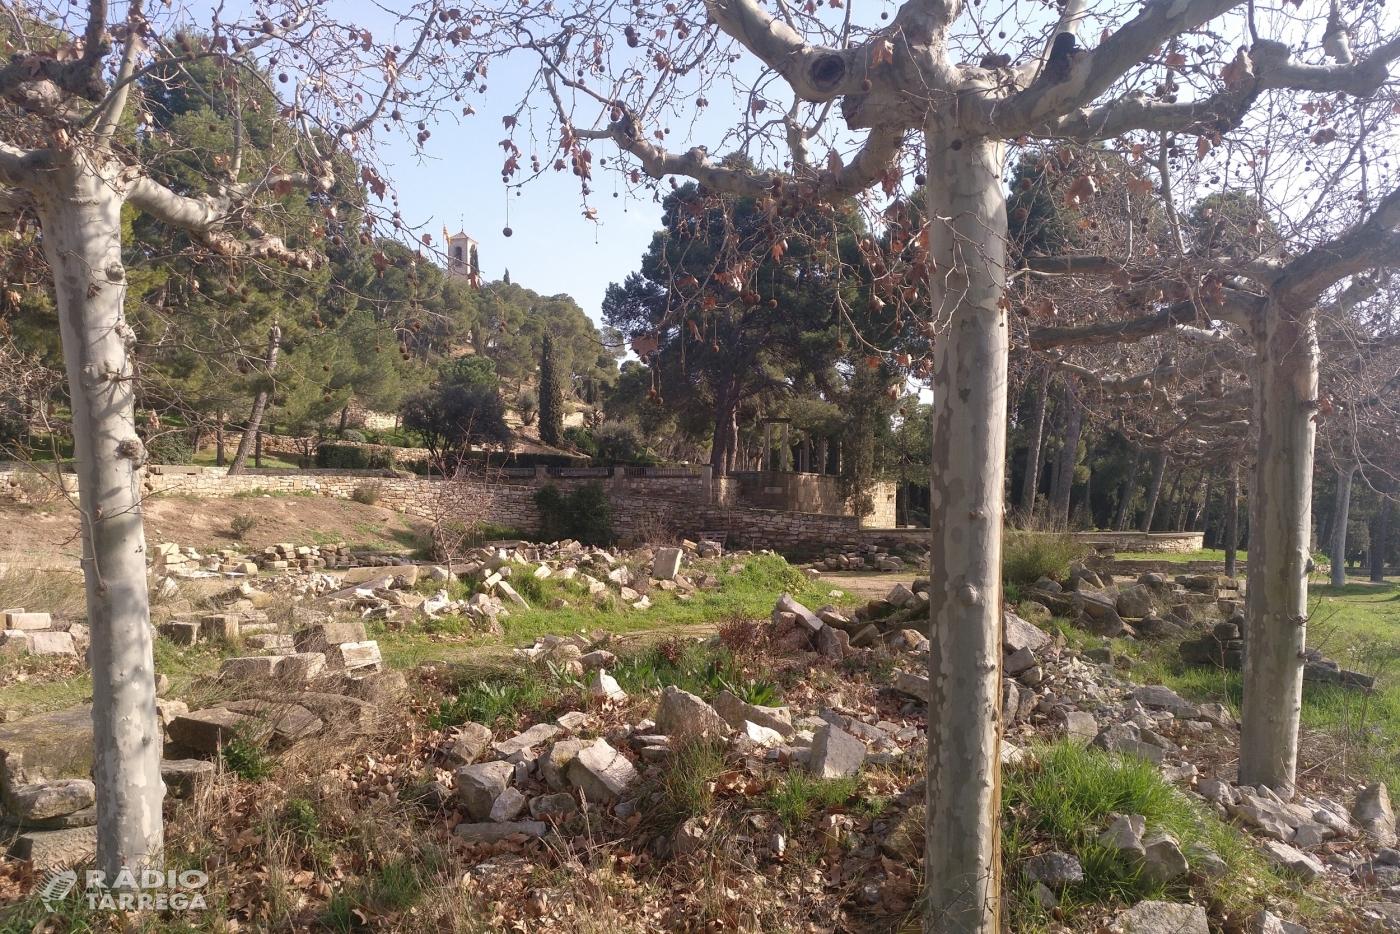 L'Ajuntament de Tàrrega aprova el projecte d'adequació de la plaça de la Bassa  del Parc de Sant Eloi